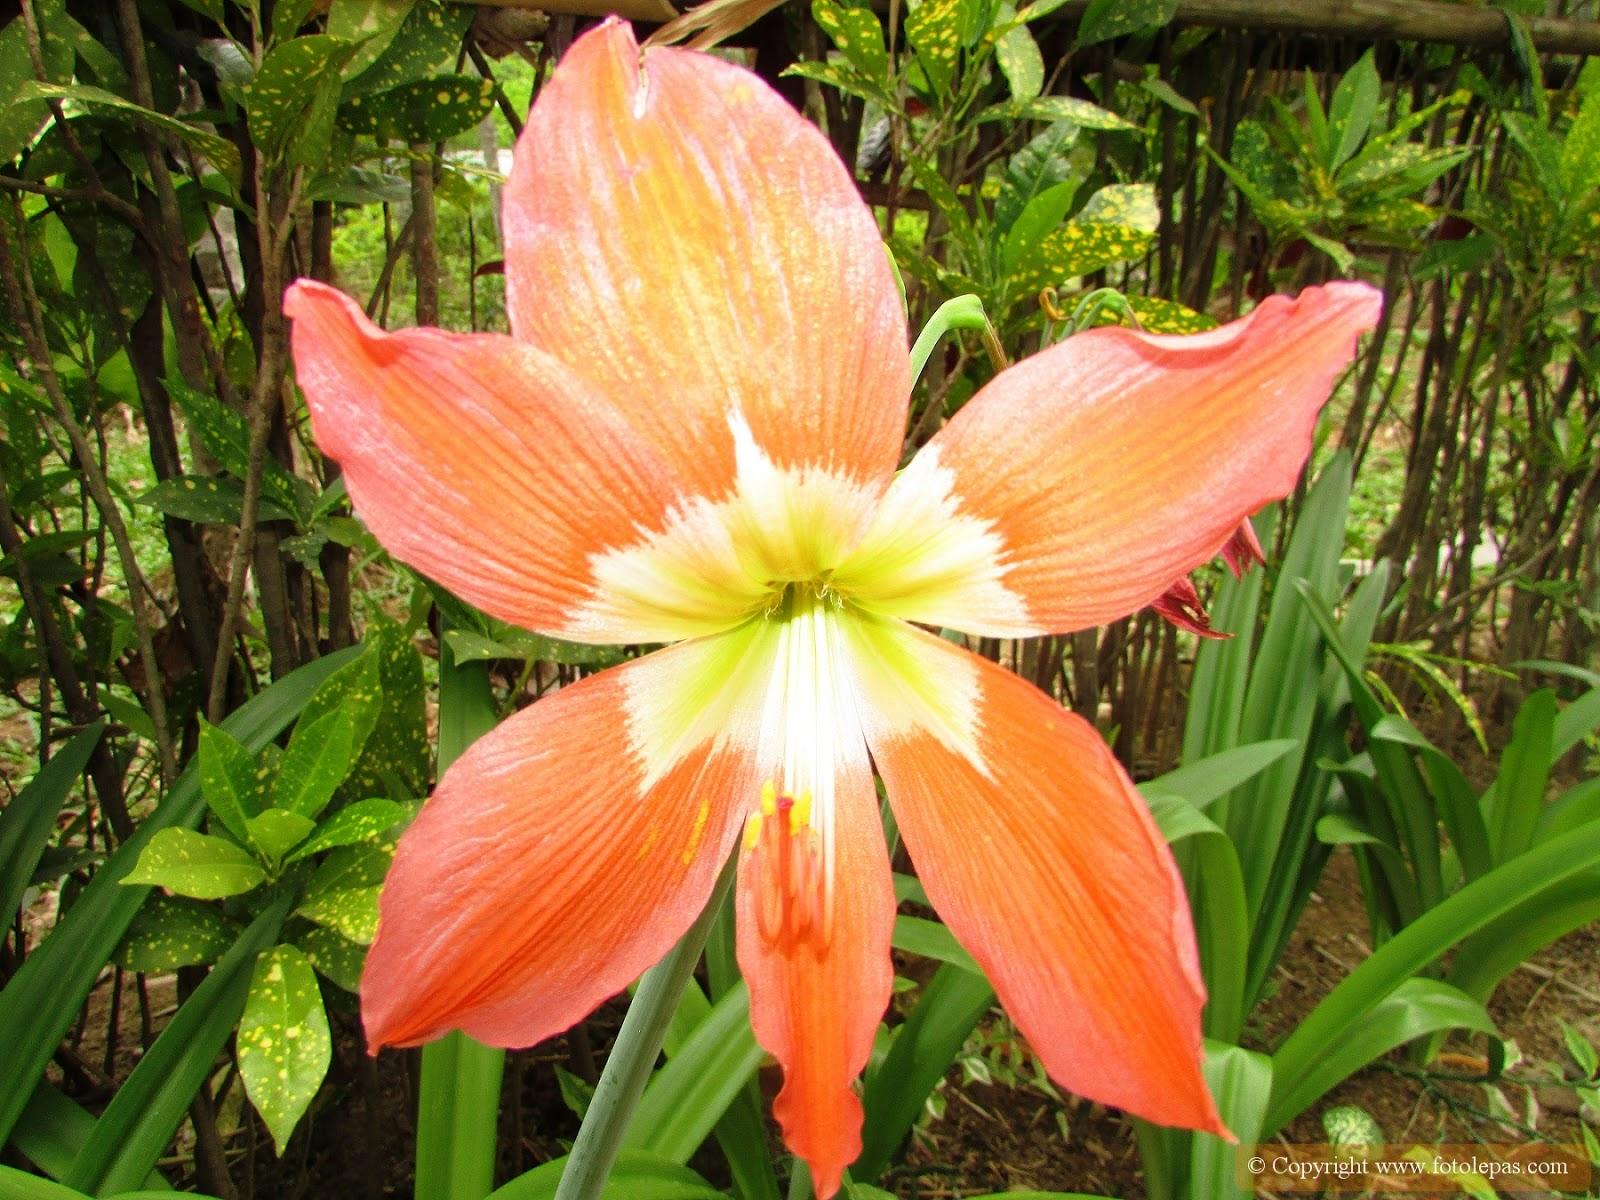 Bunga Tawny Daylily